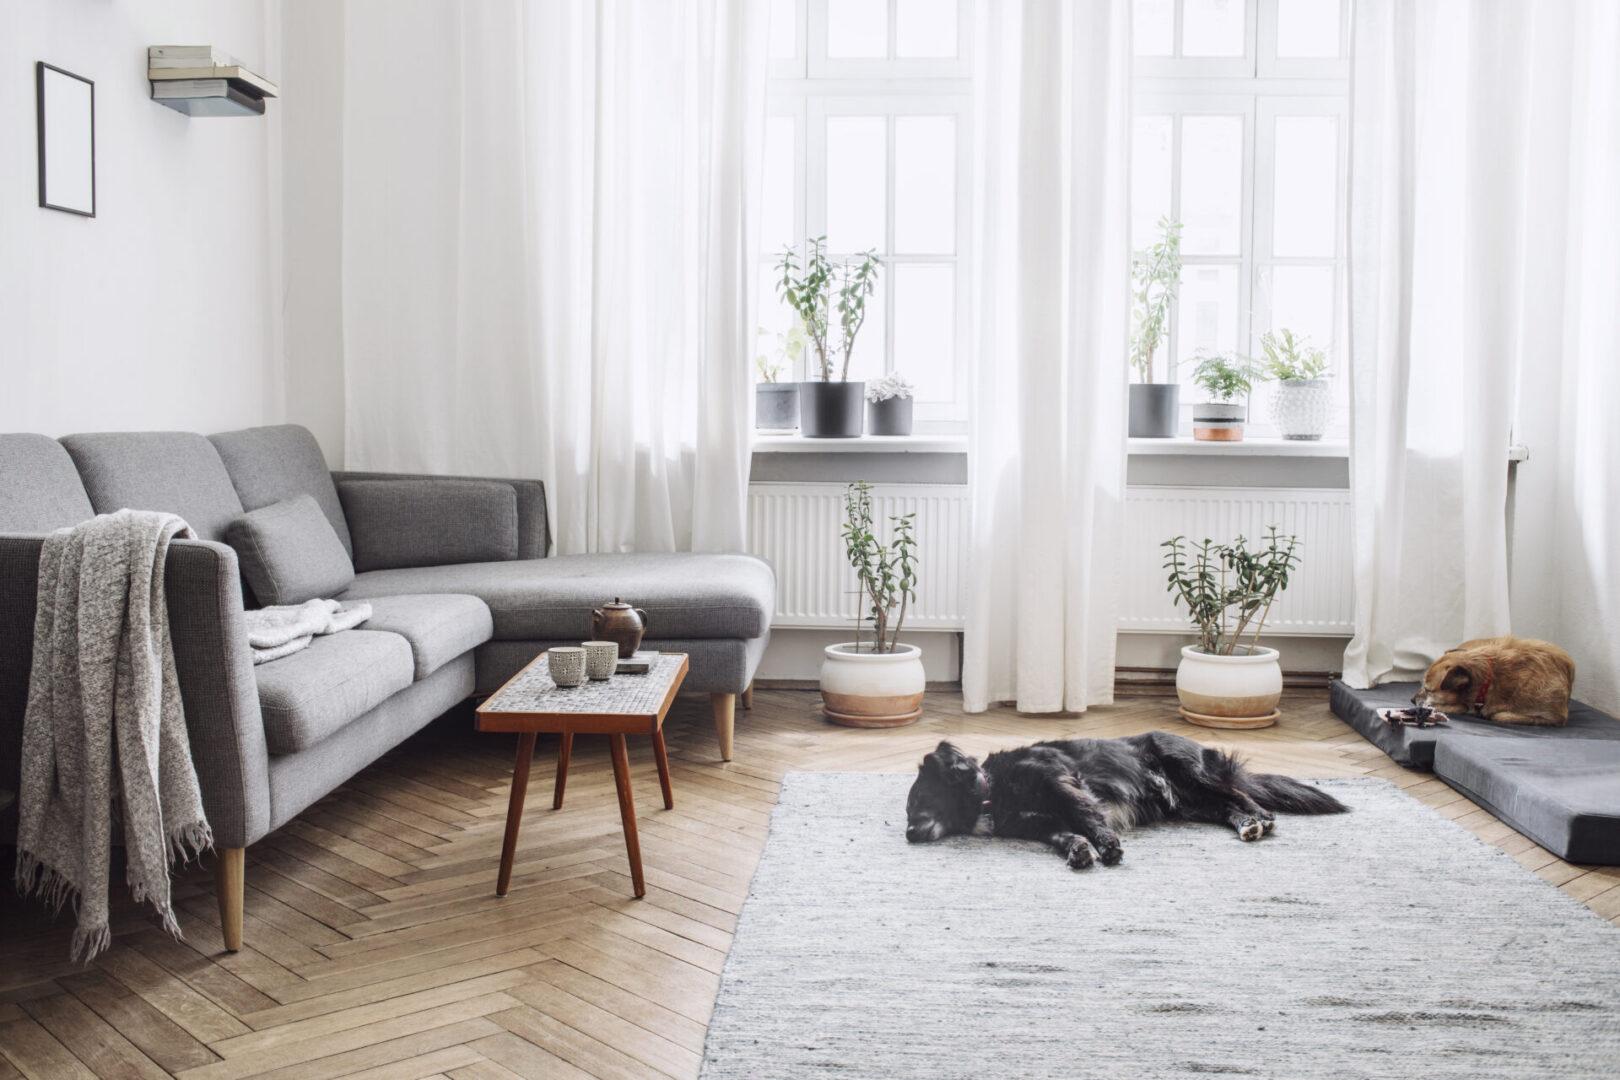 Dog Sleeping on floor pic